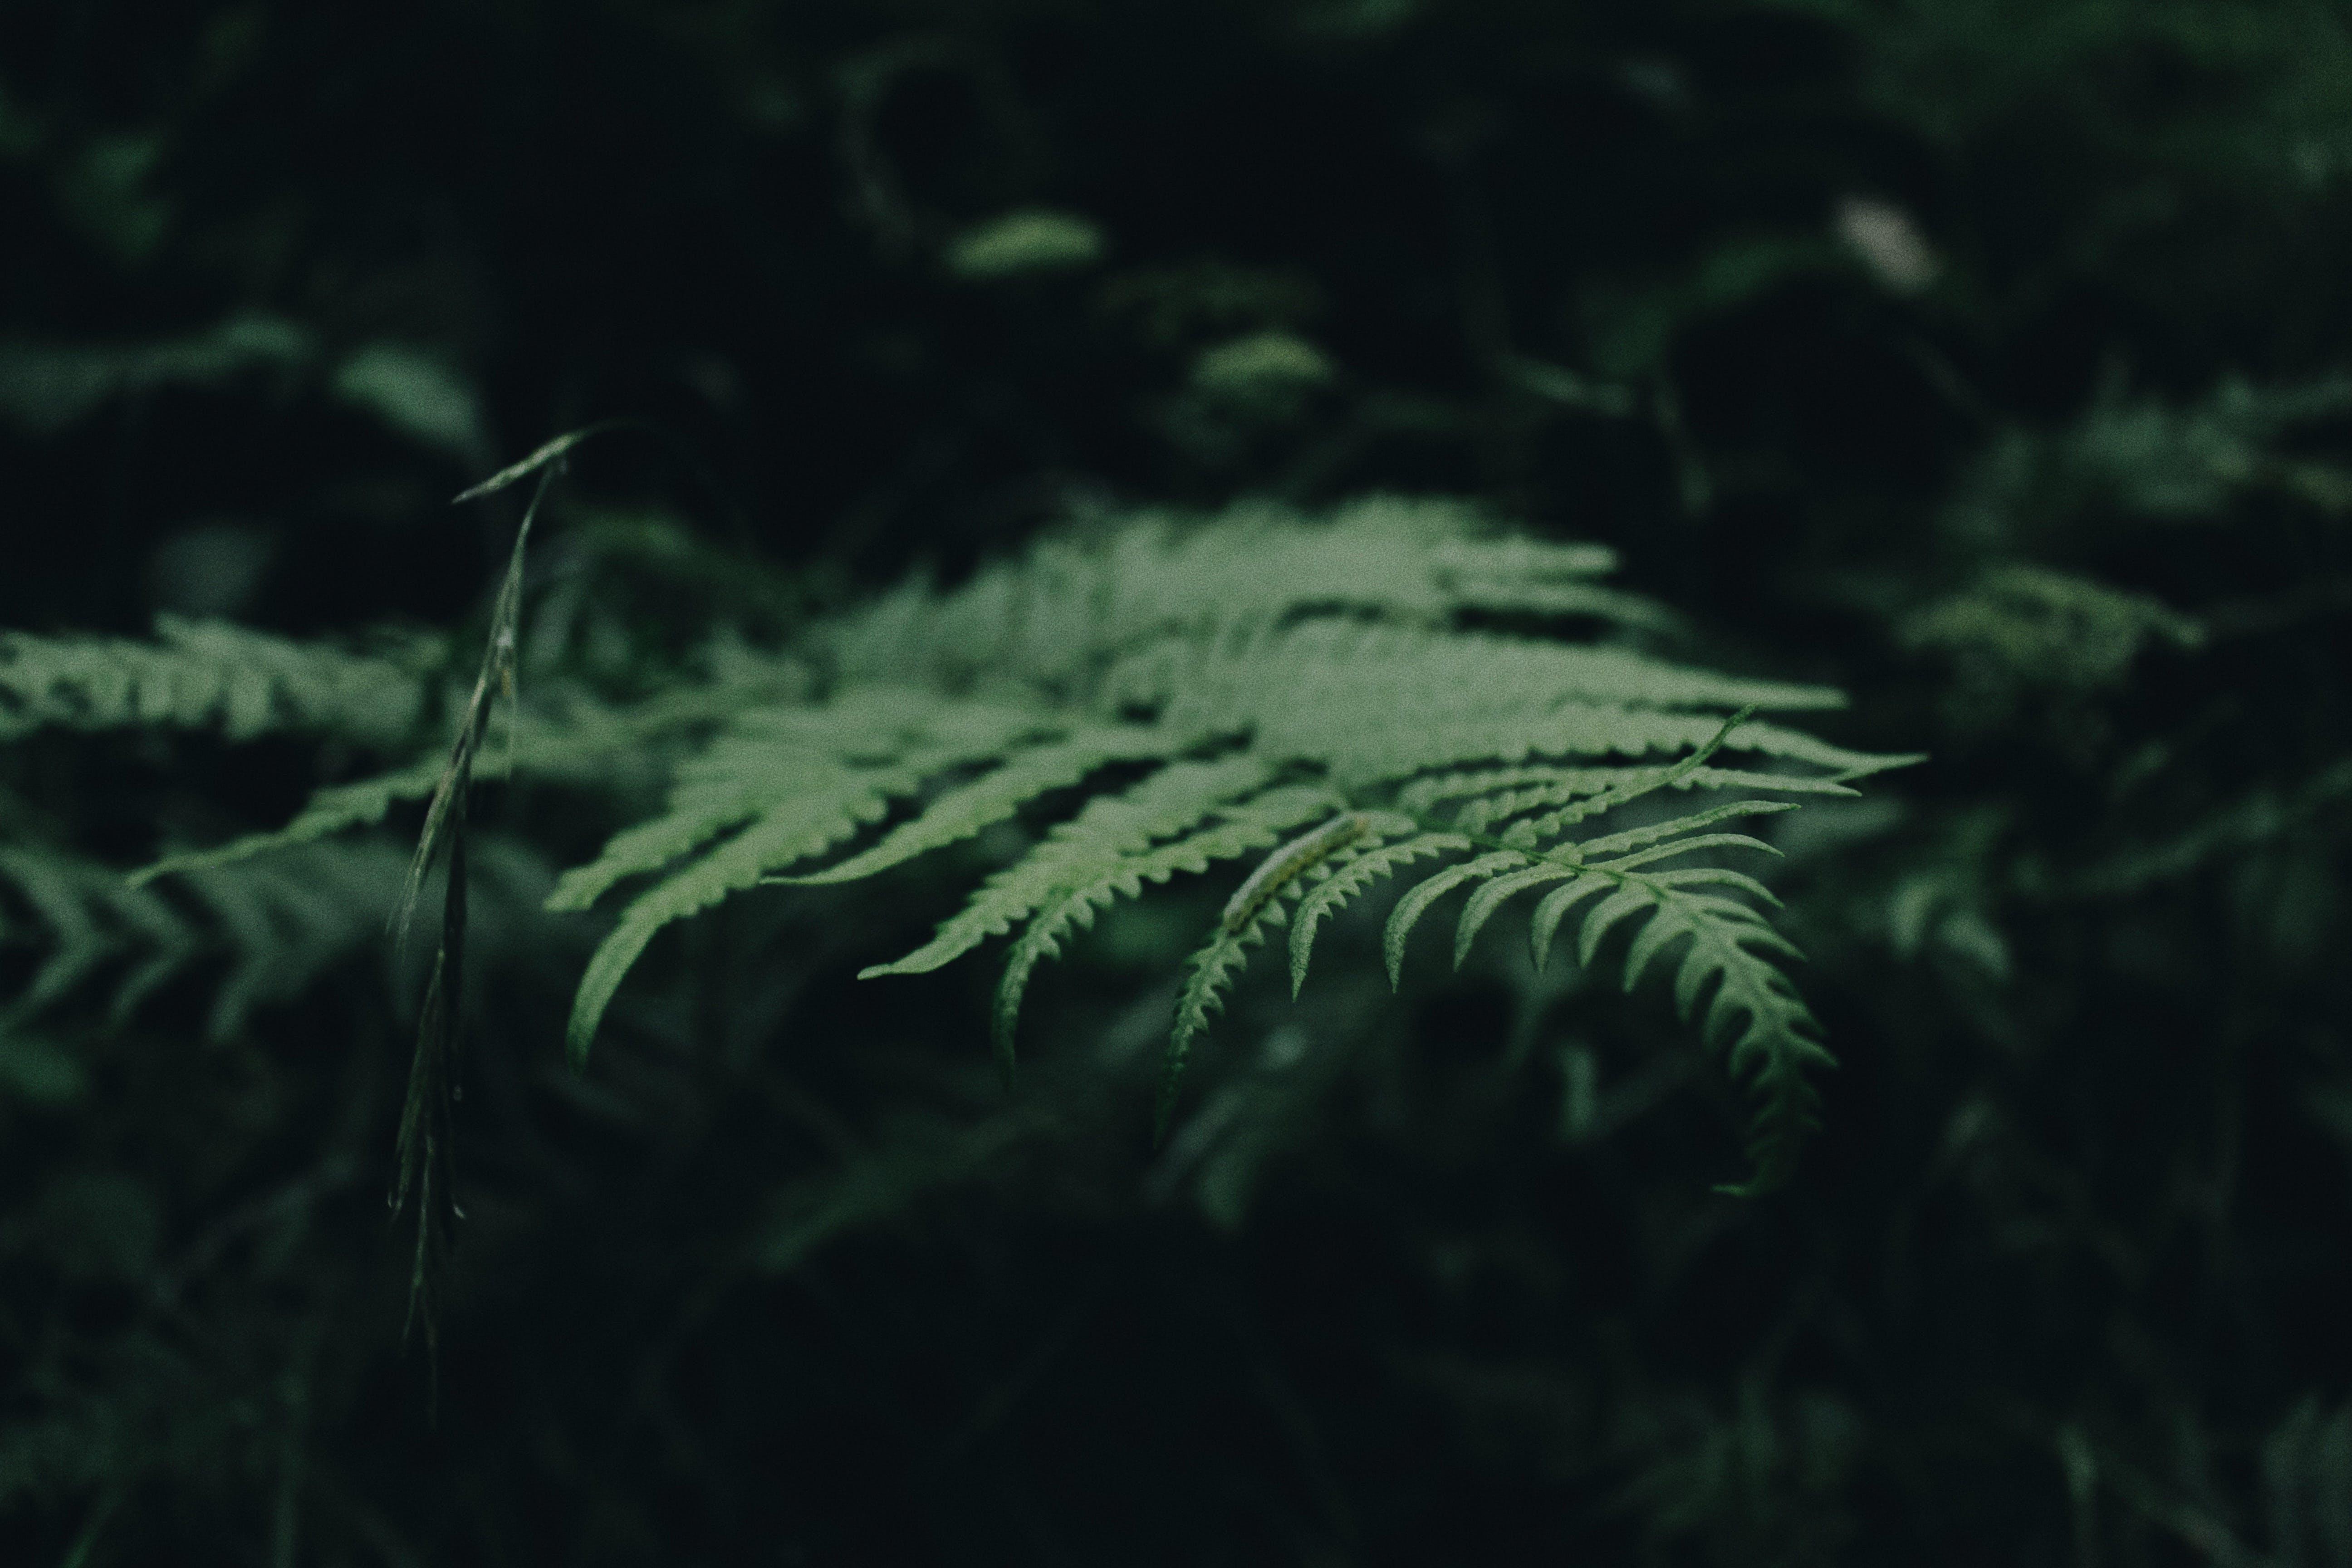 blatt, farn, grün